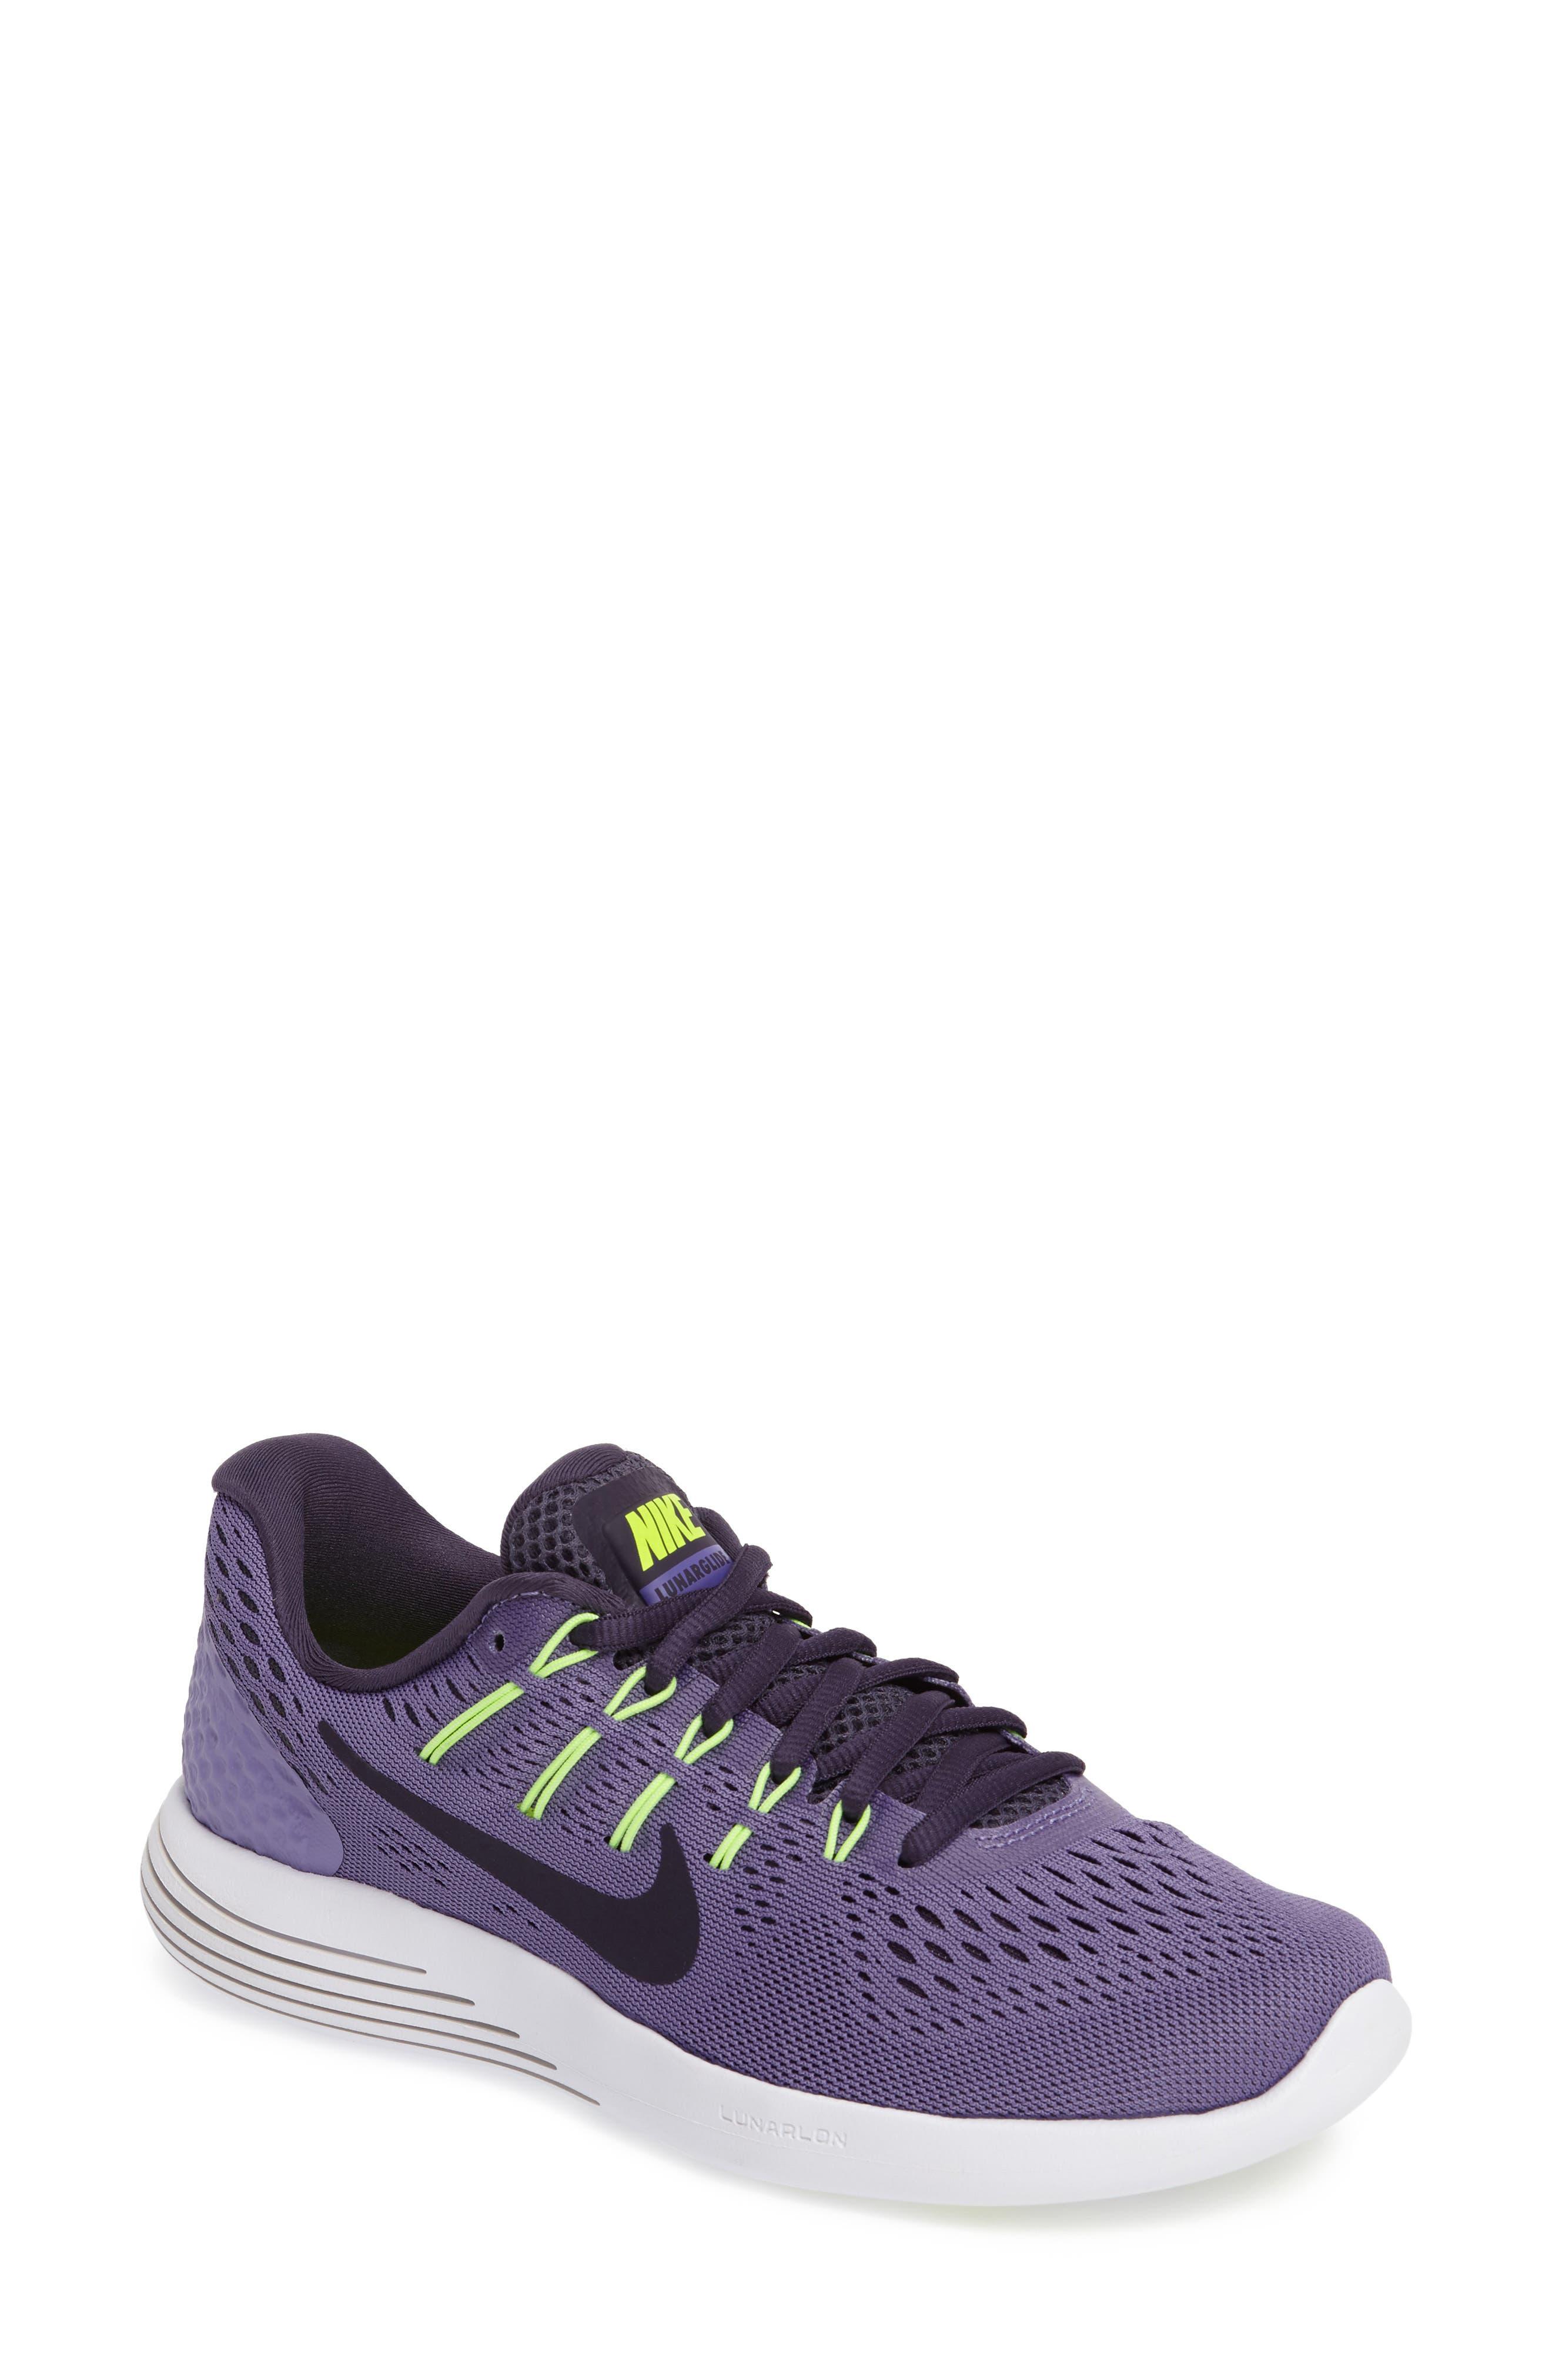 Main Image - Nike 'LunarGlide 8' Running Shoe (Women)